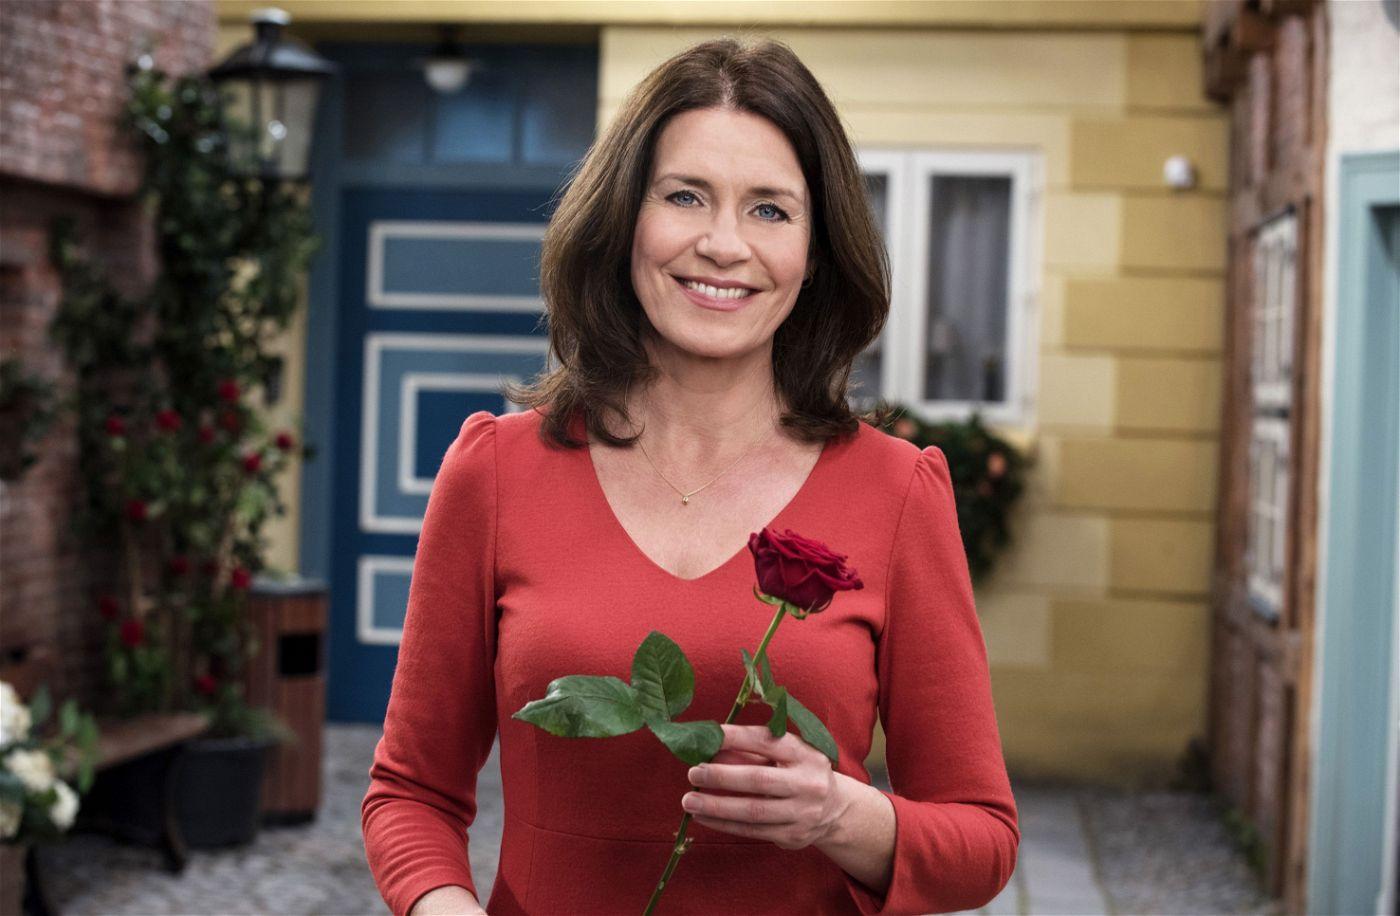 Www.Rote Rosen Vorschau.De